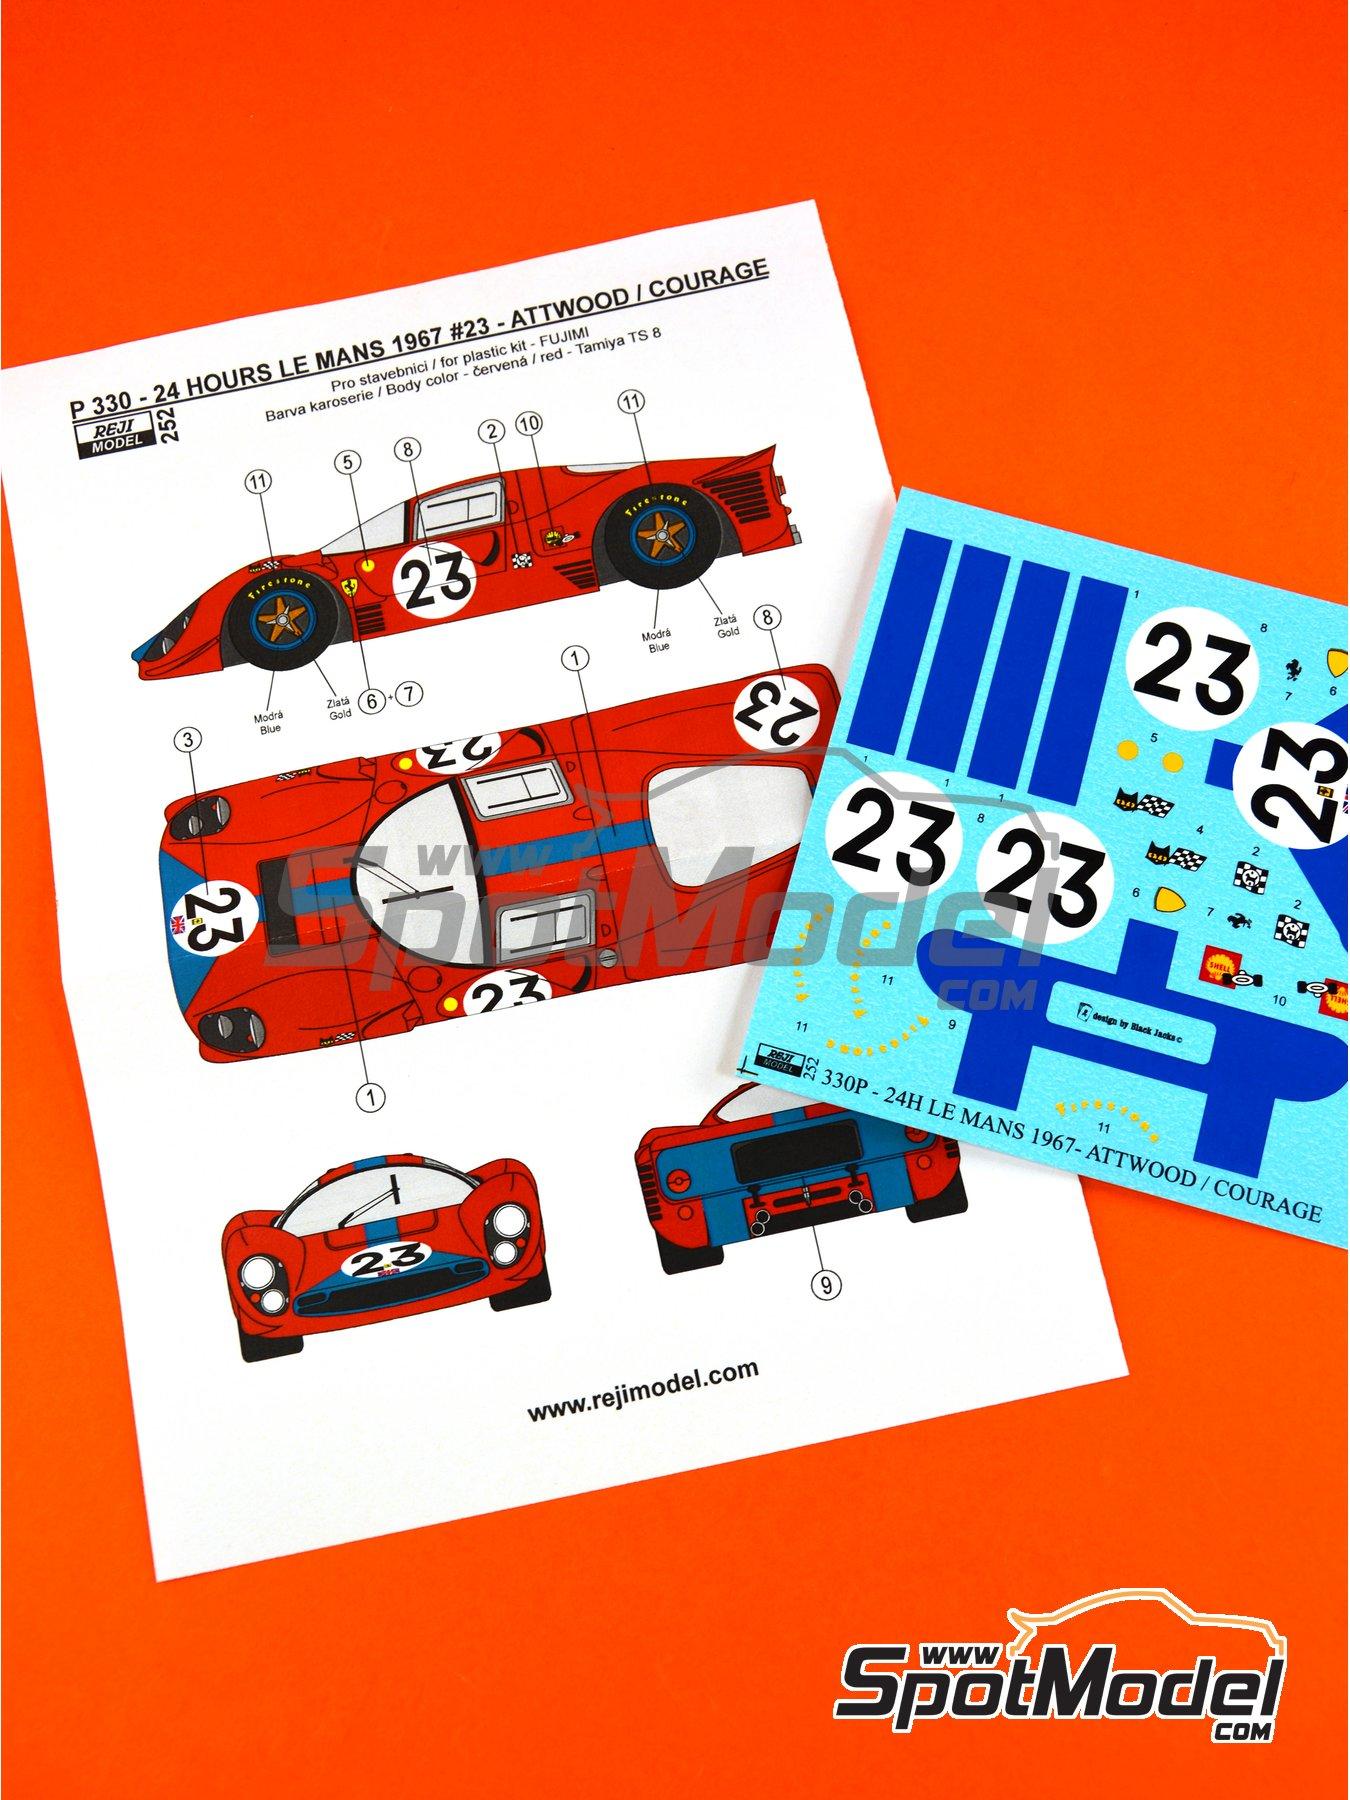 Ferrari 330 P4 - 24 Horas de Le Mans 1967 | Decoración en escala1/24 fabricado por Reji Model (ref.REJI-252) image